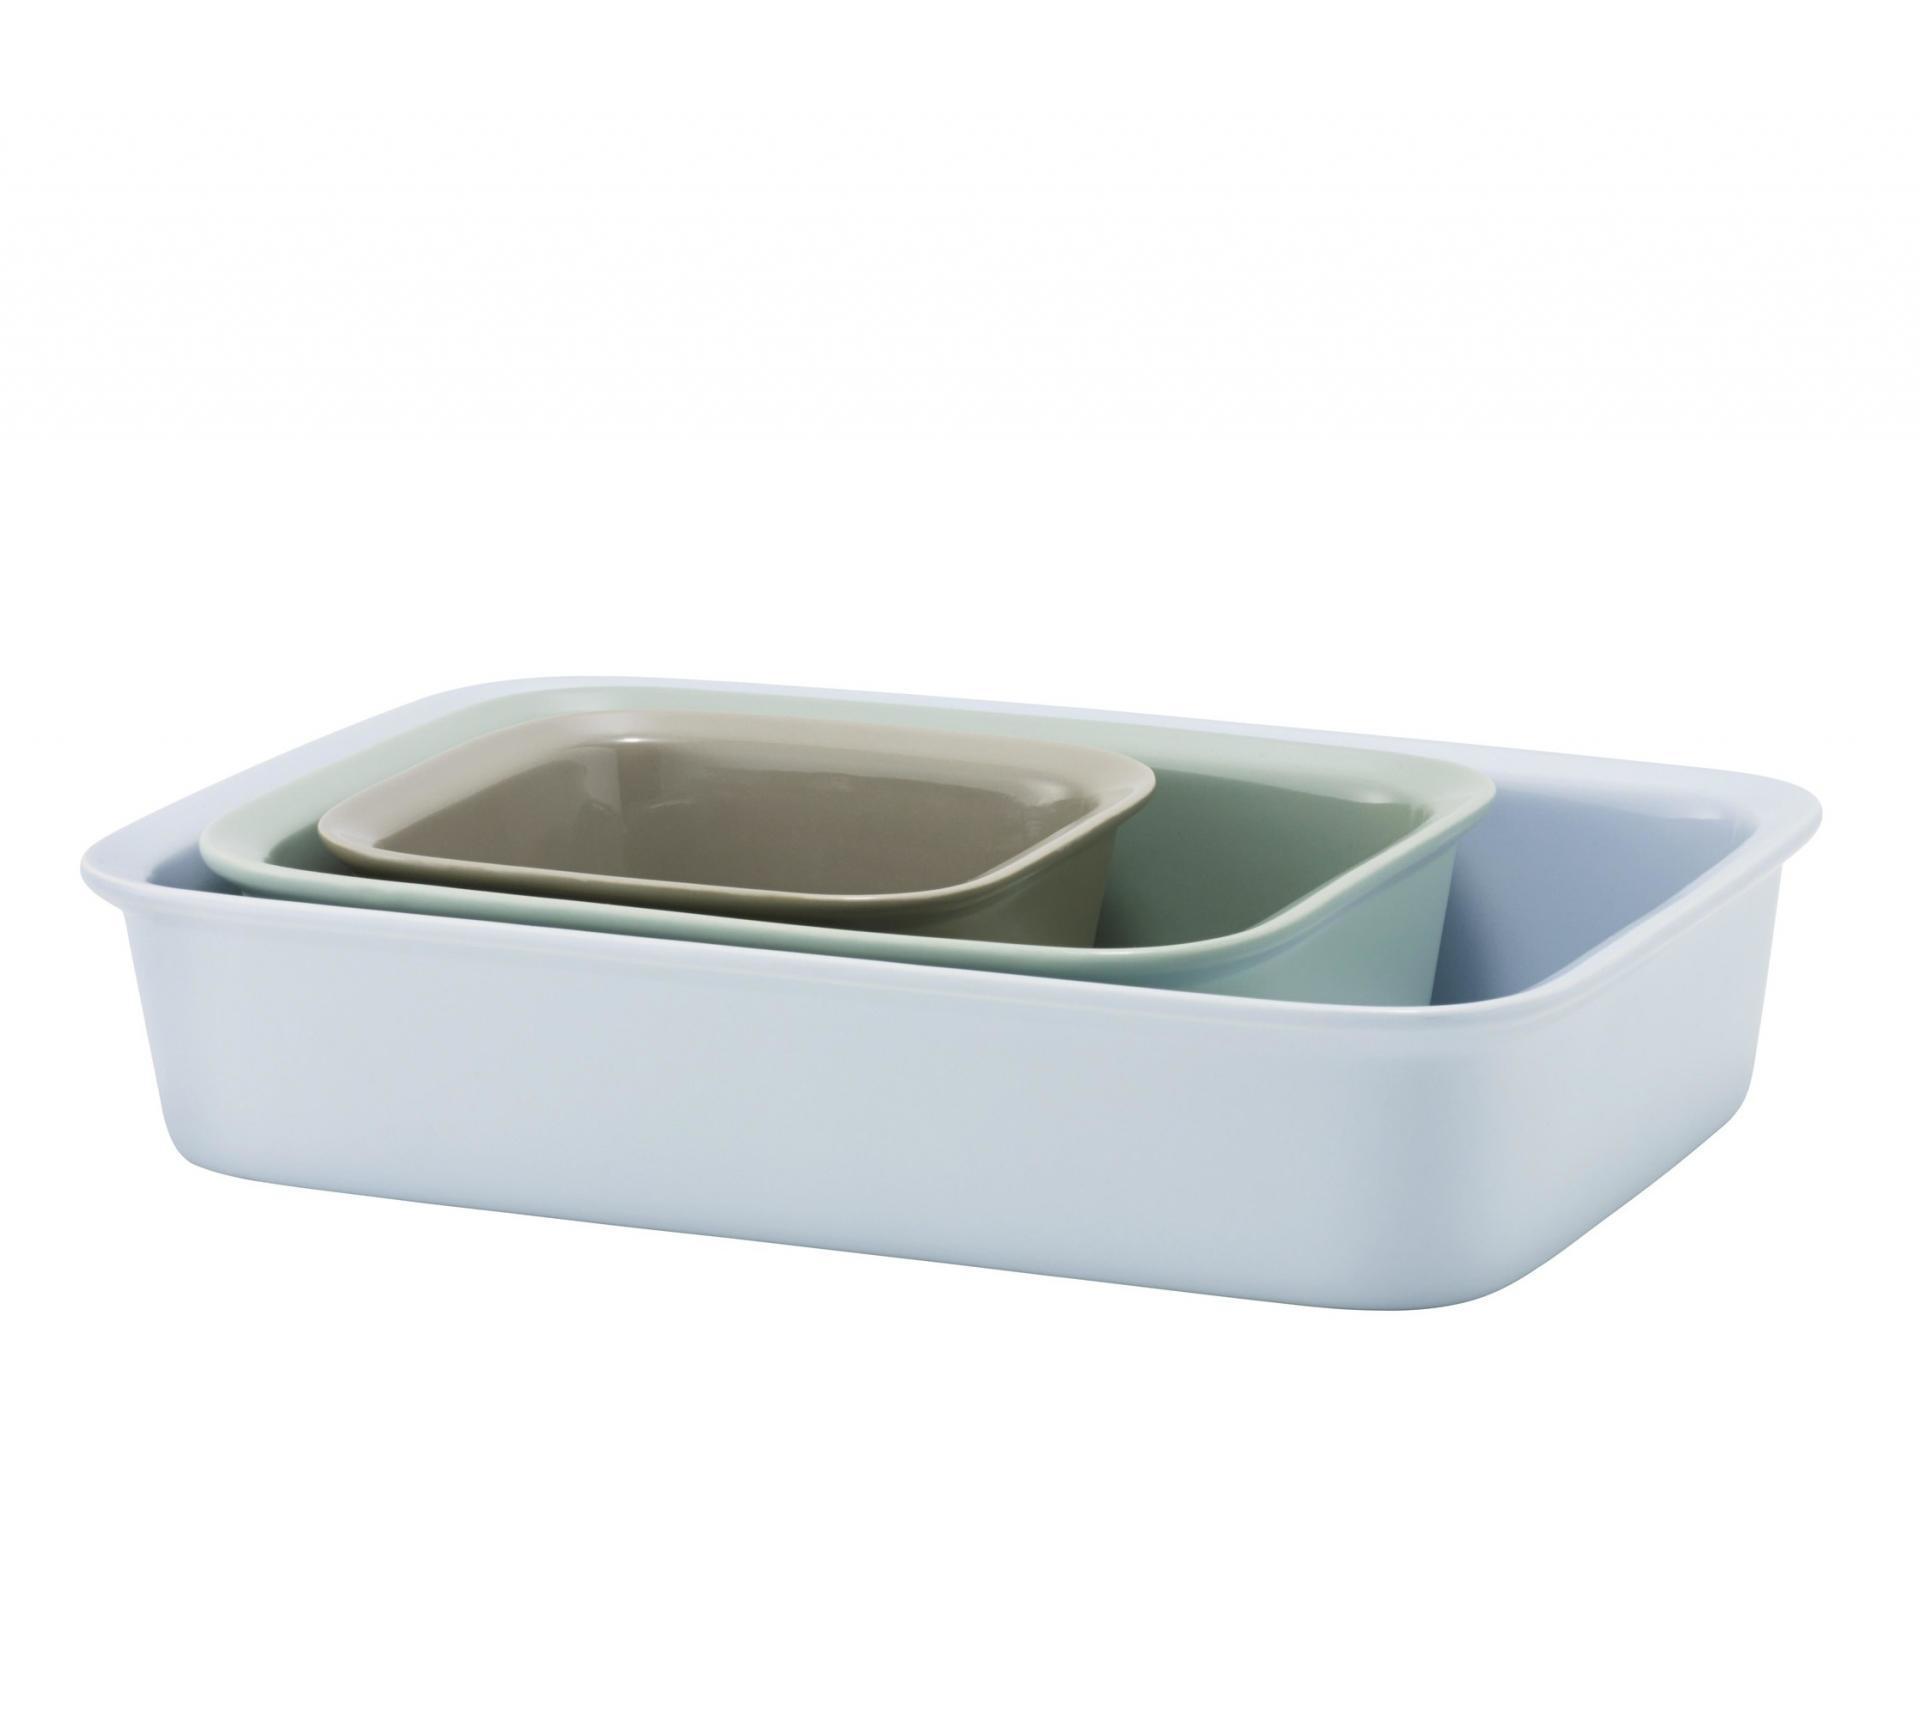 RIG-TIG Zapékací/servírovací mísa Cook&Serve Velikost L (modrá), modrá barva, zelená barva, keramika